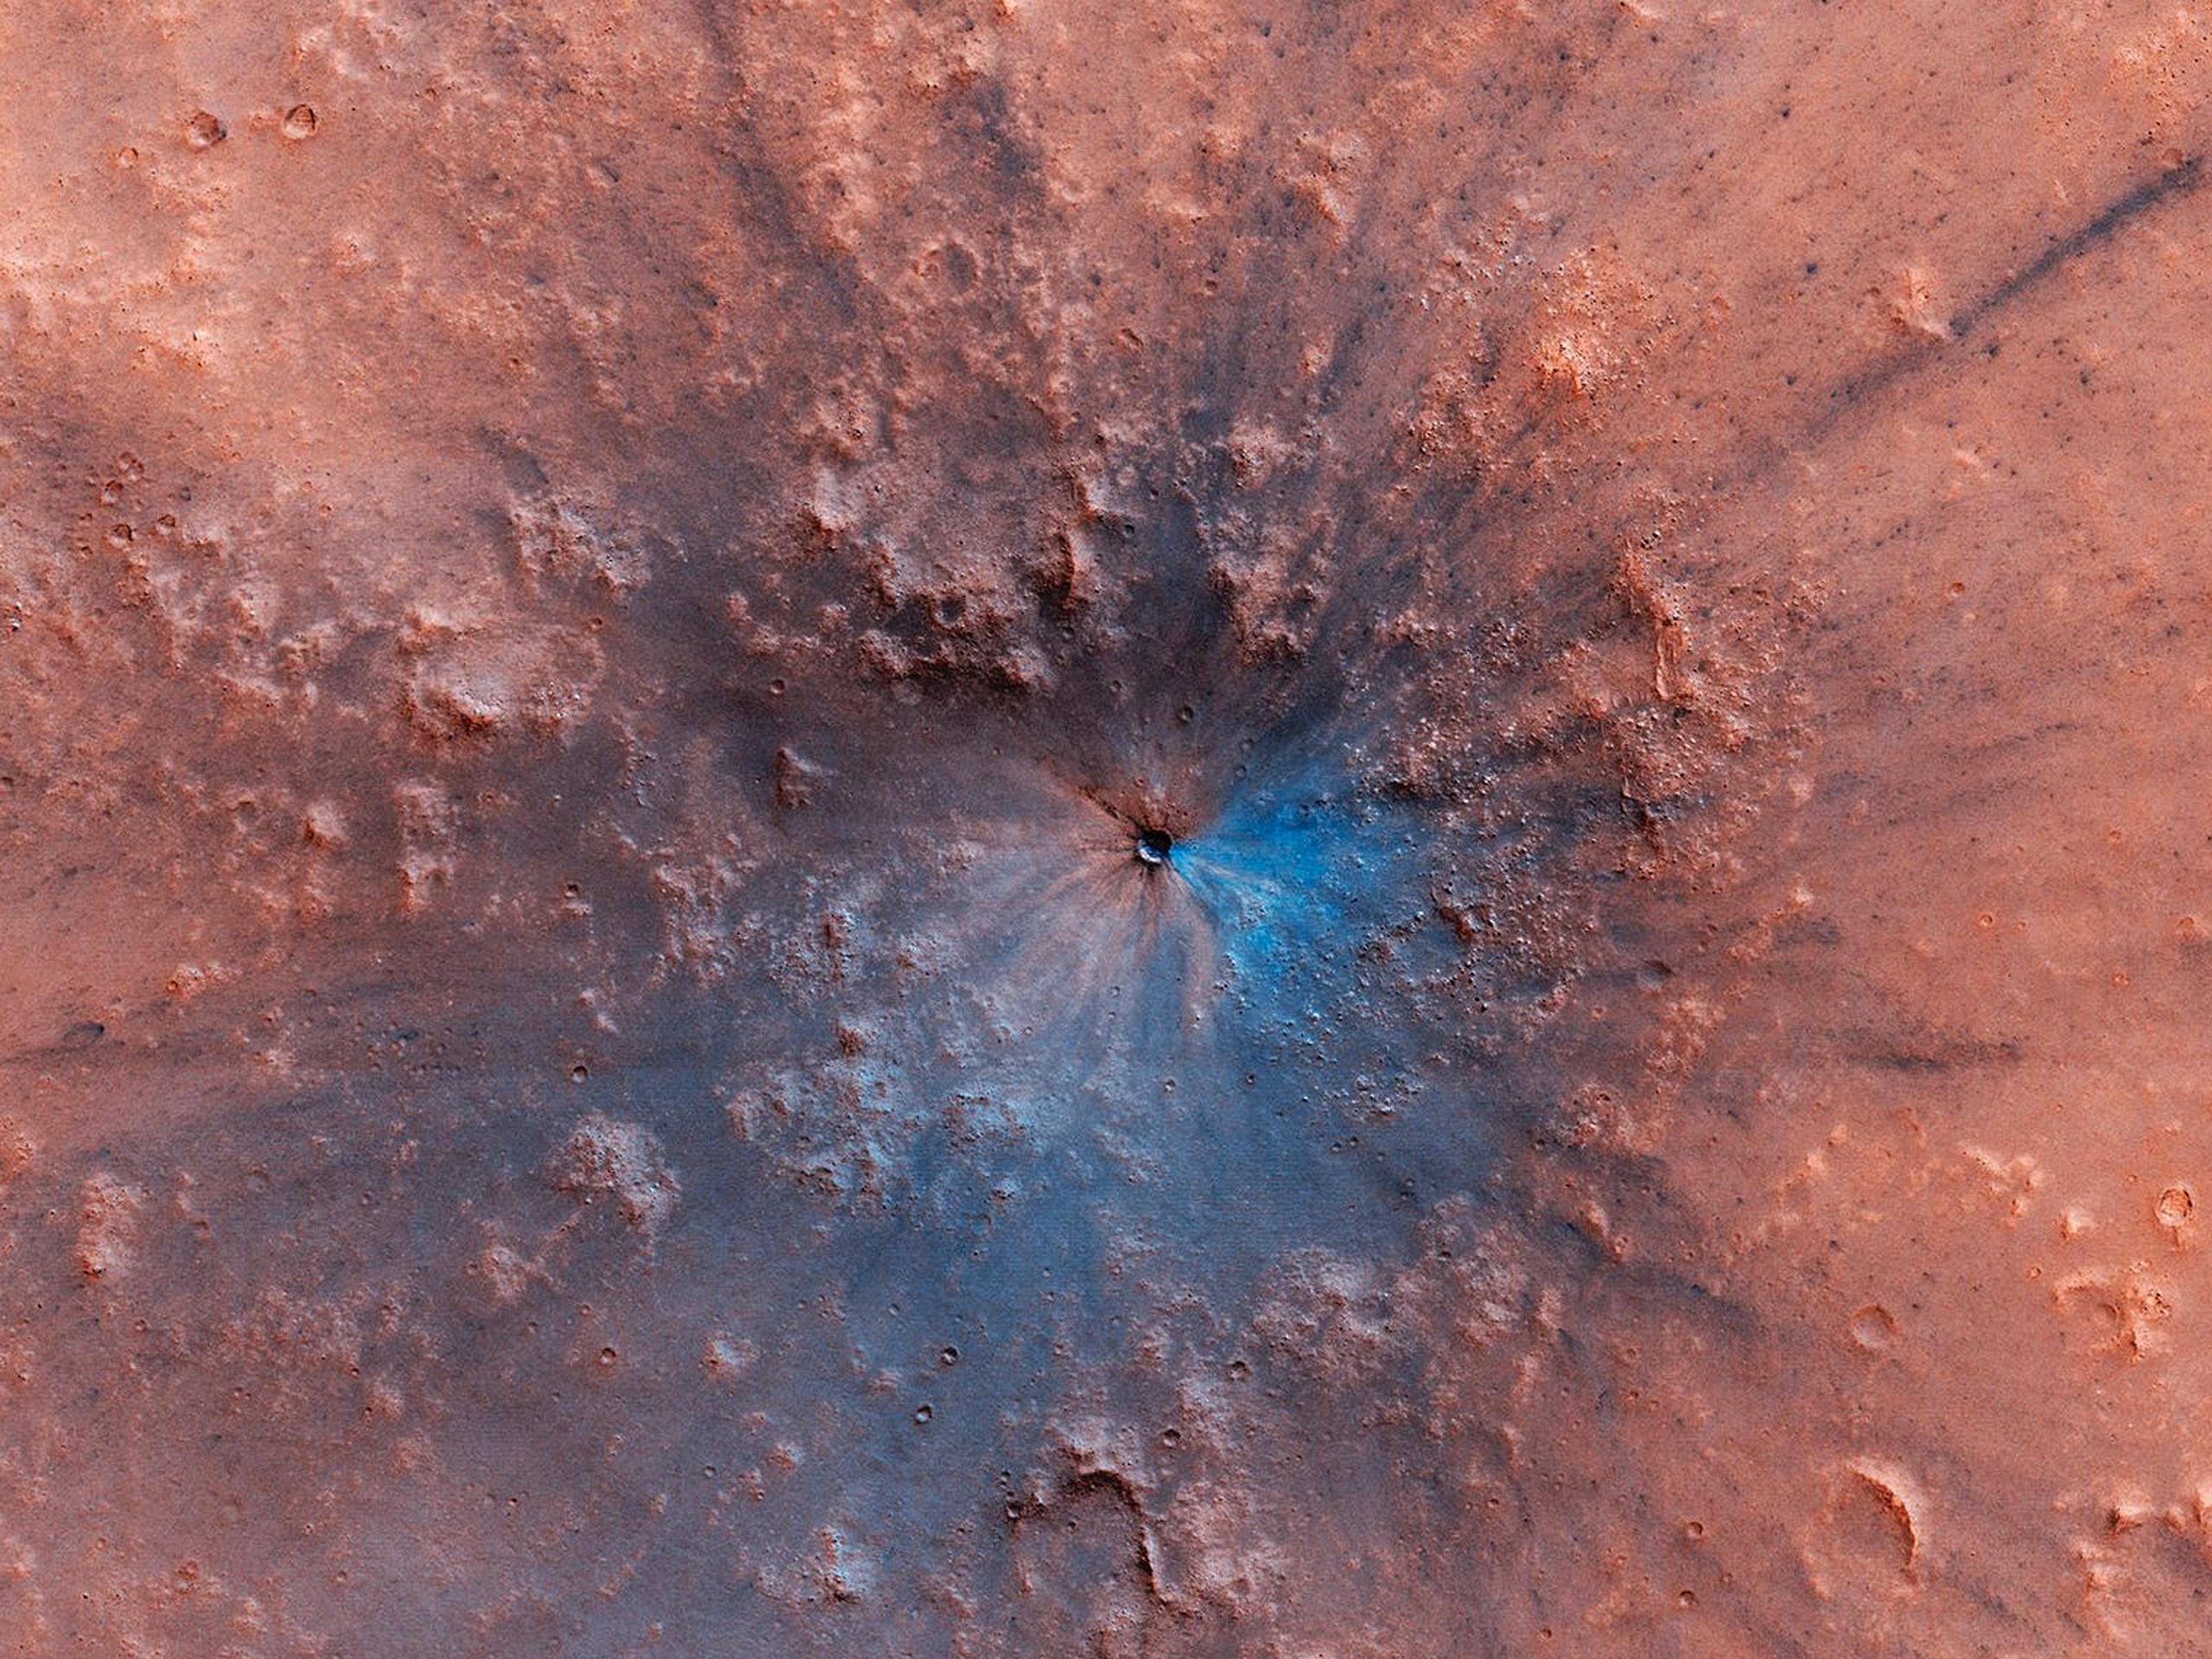 Planeta Marte crater imagine